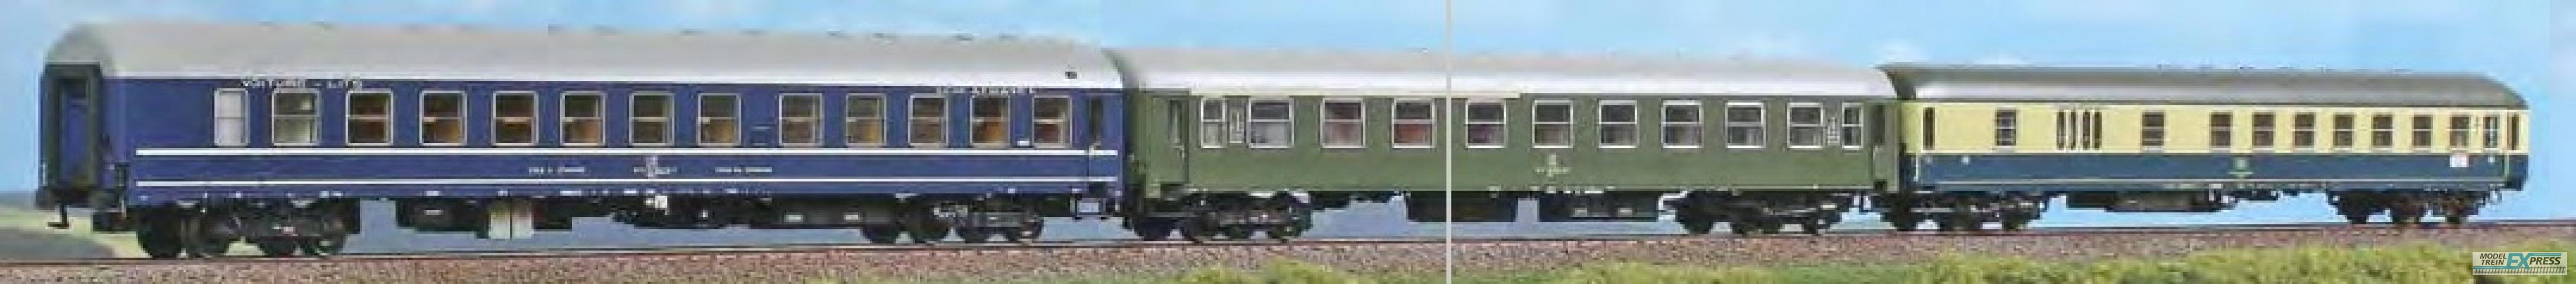 ACME 55247